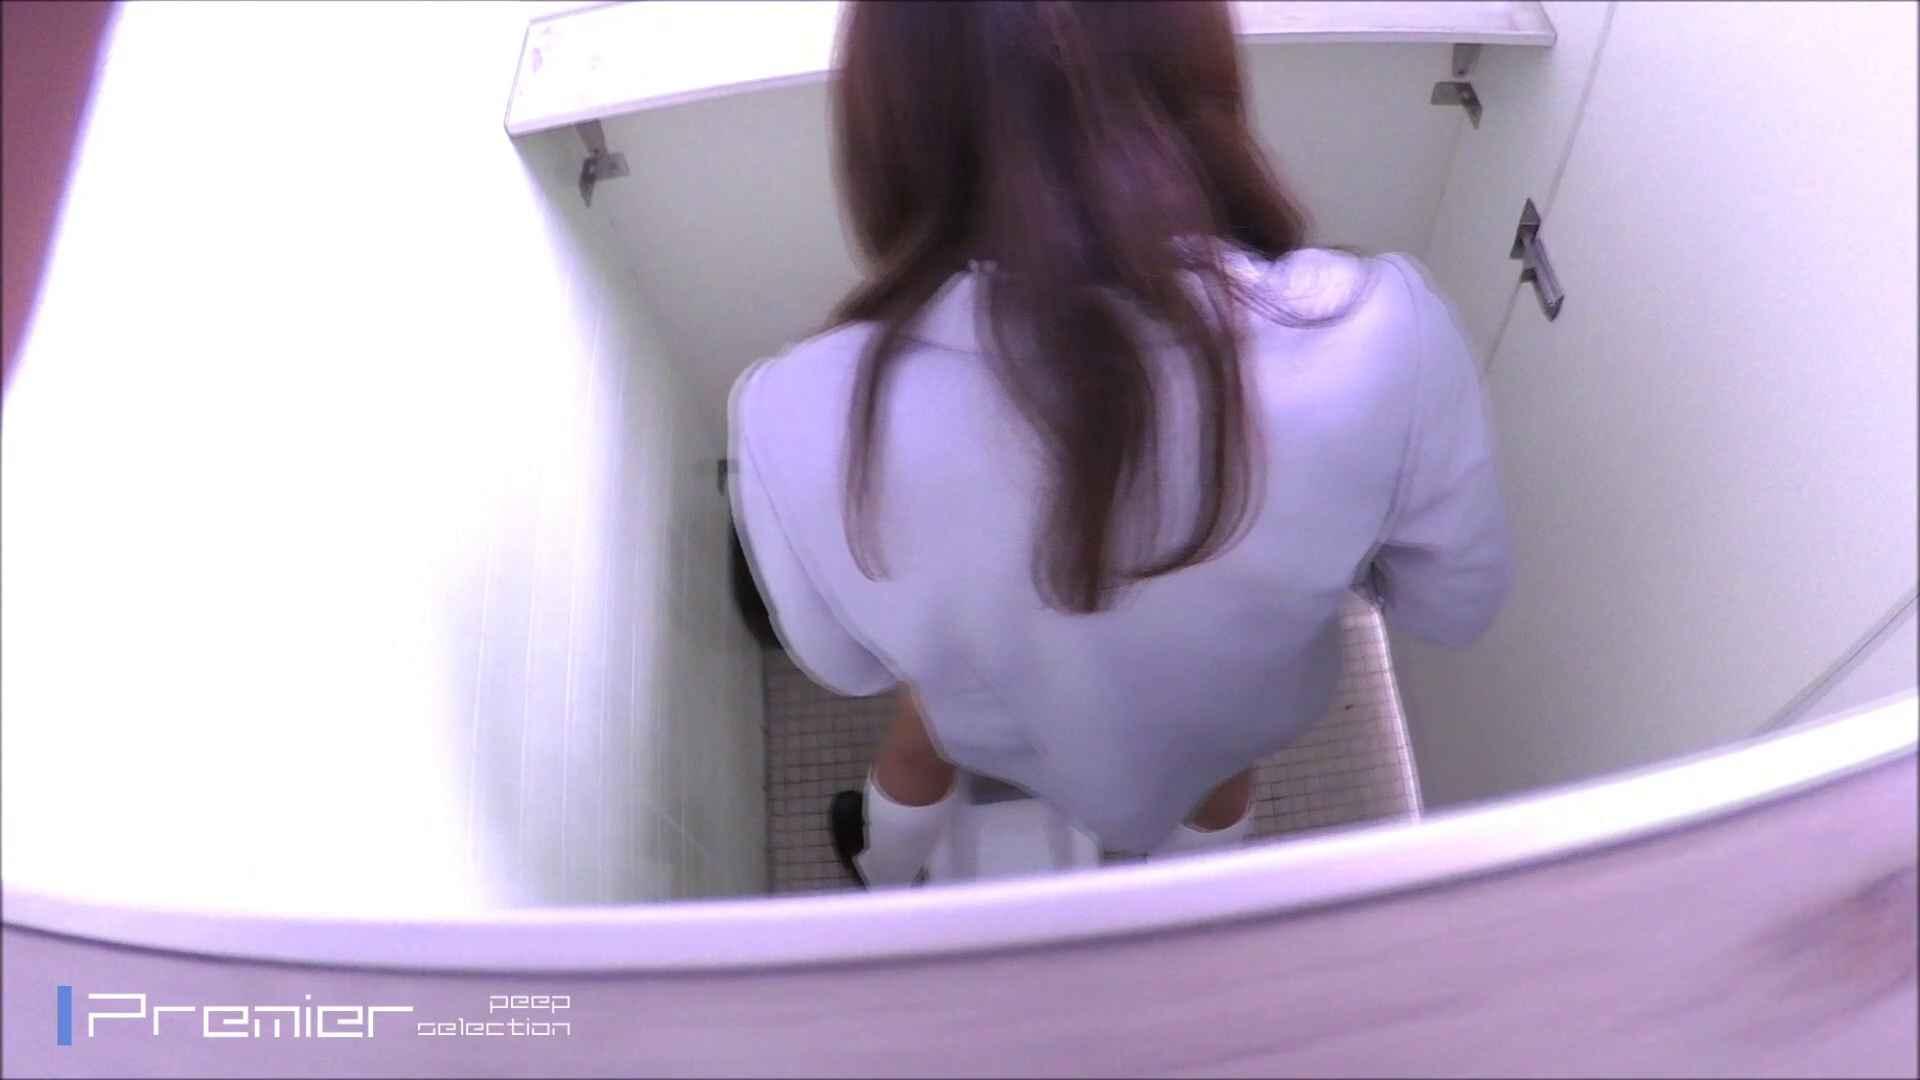 FHD激カワ!激やば! 復讐のトイレ盗撮 Vol.03 トイレ中 | 盗撮エロすぎ  78連発 6